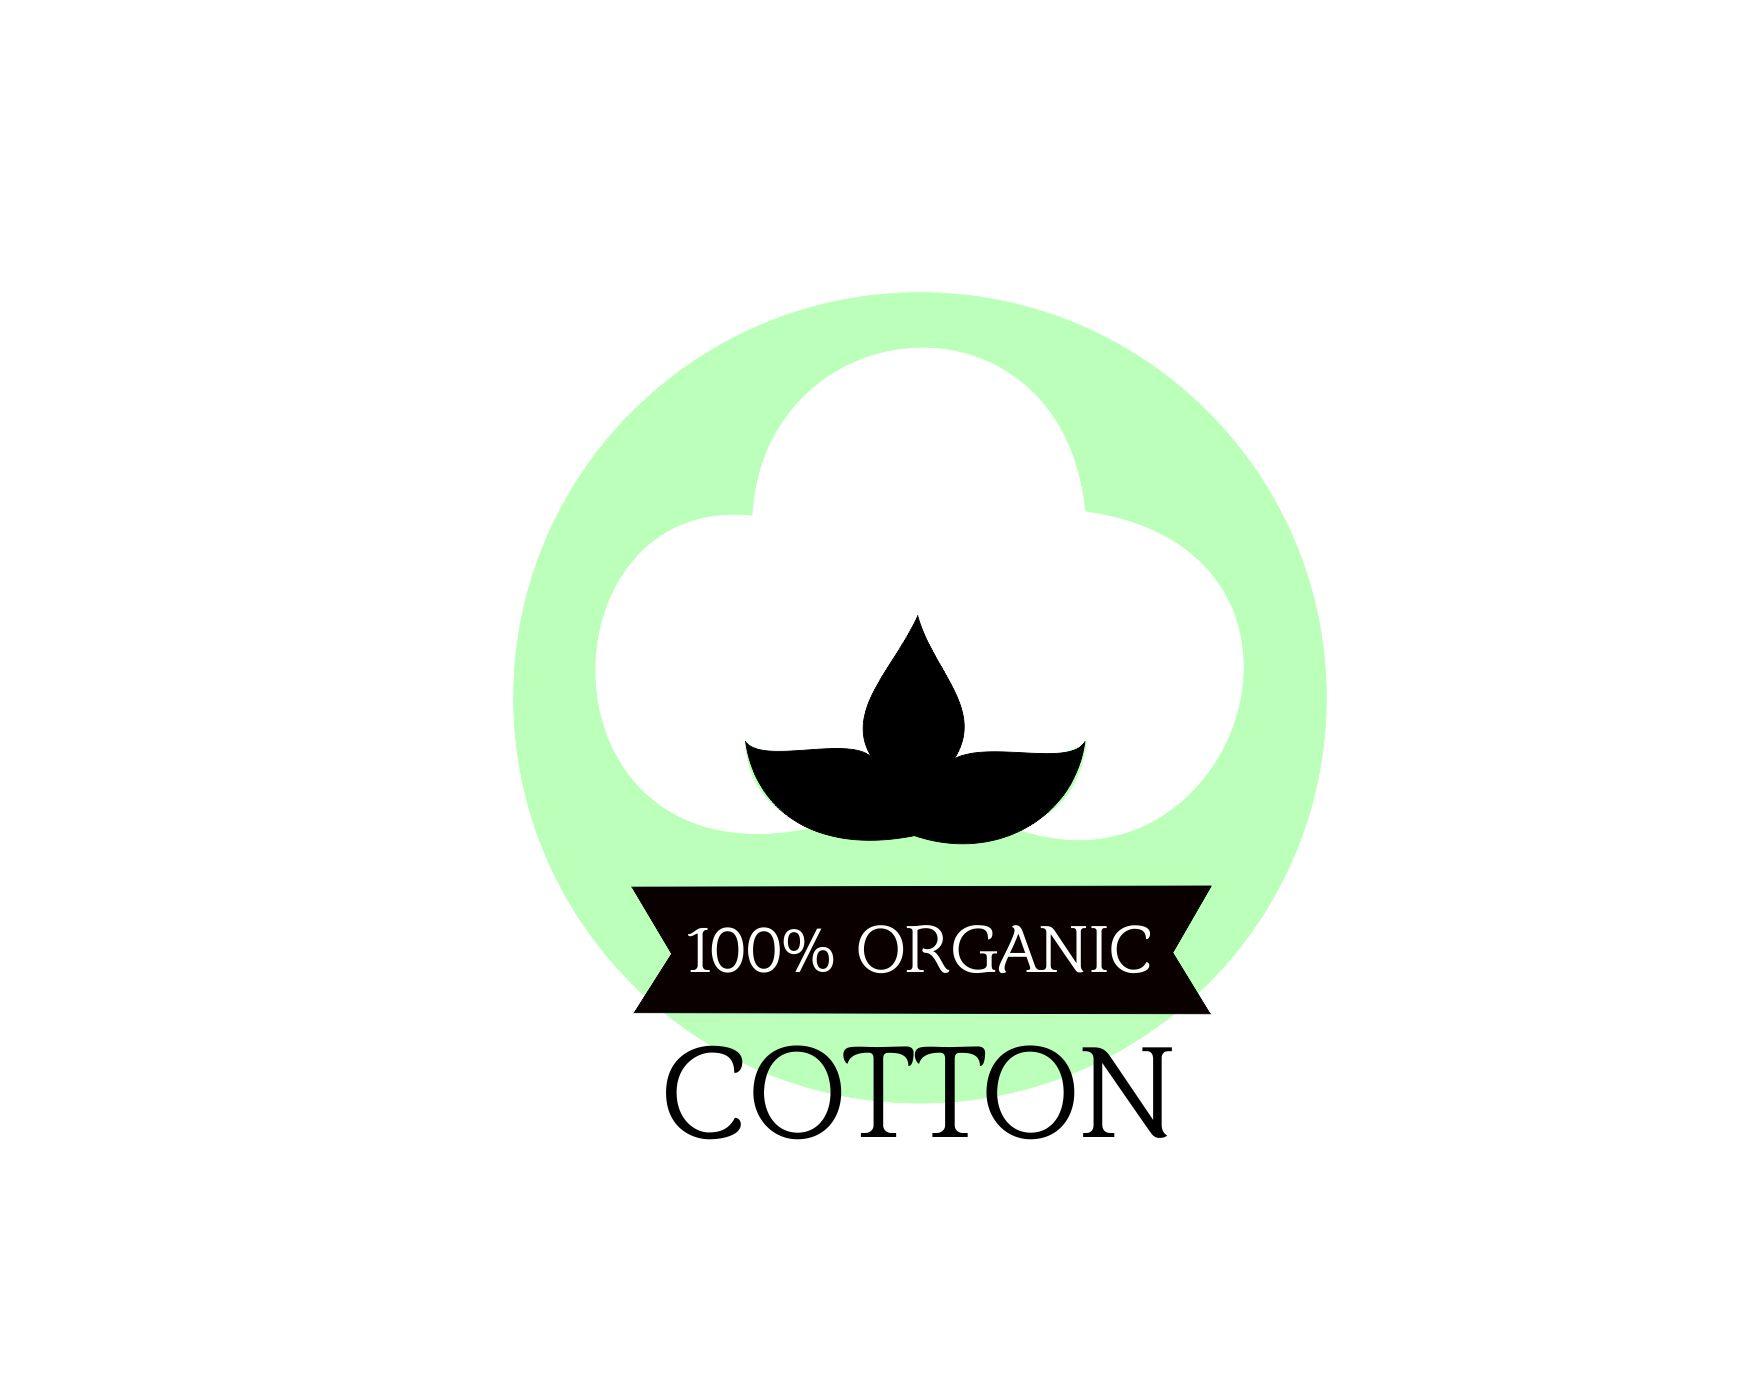 ORGANIC-COTTON-3.jpg